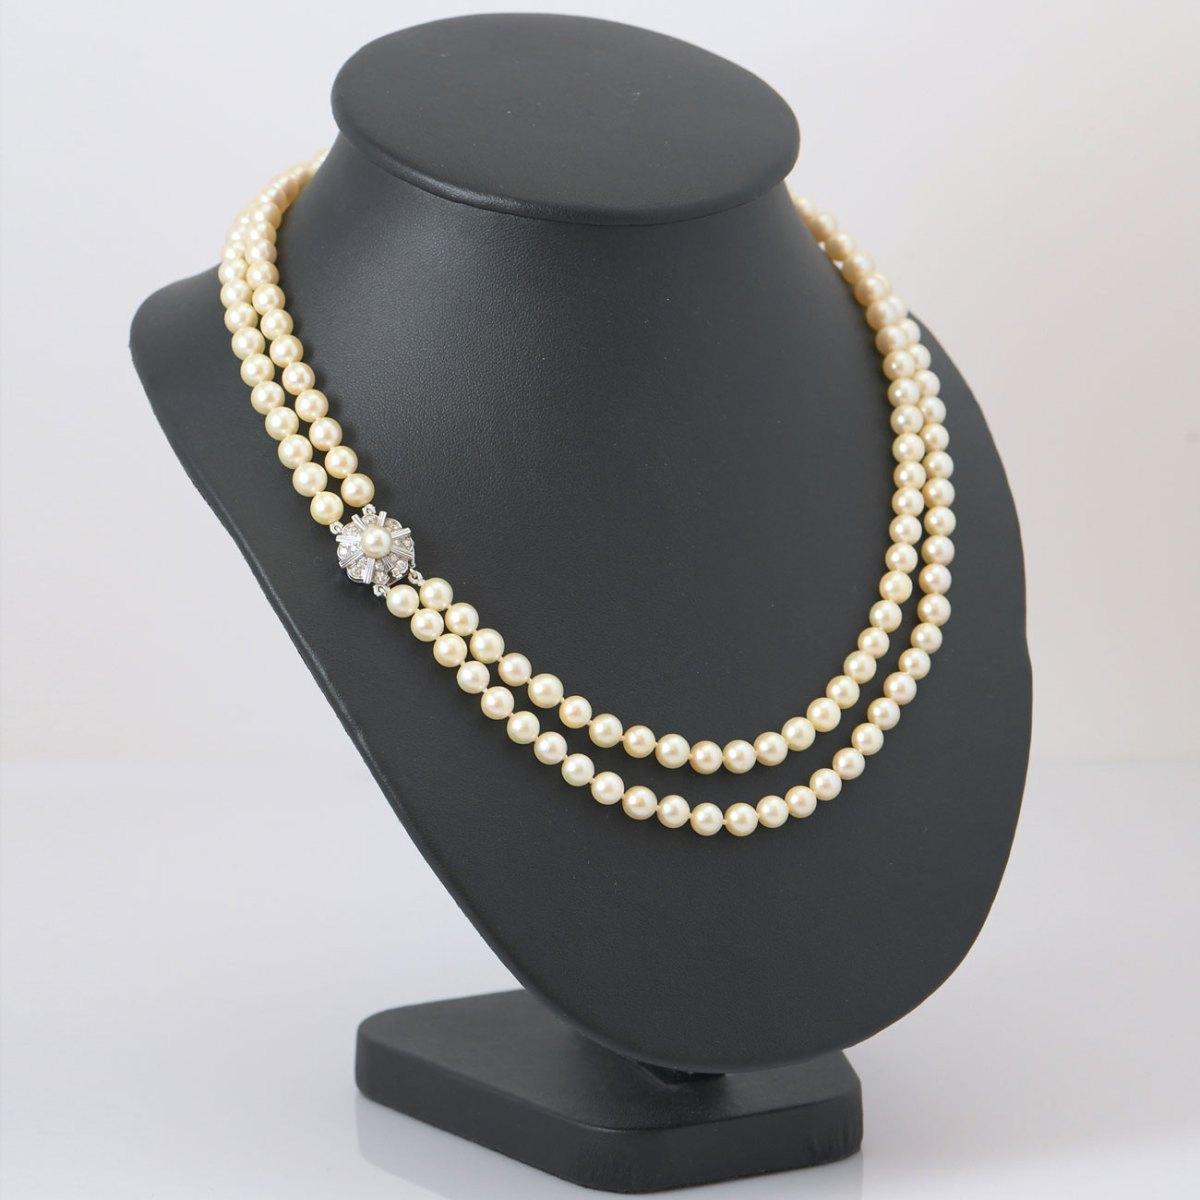 Collier de perles de culture 2 rangées, fermoir or blanc 750 serti de 16 diamants taille brillant, 0,40 ct     EVENOR Joaillerie